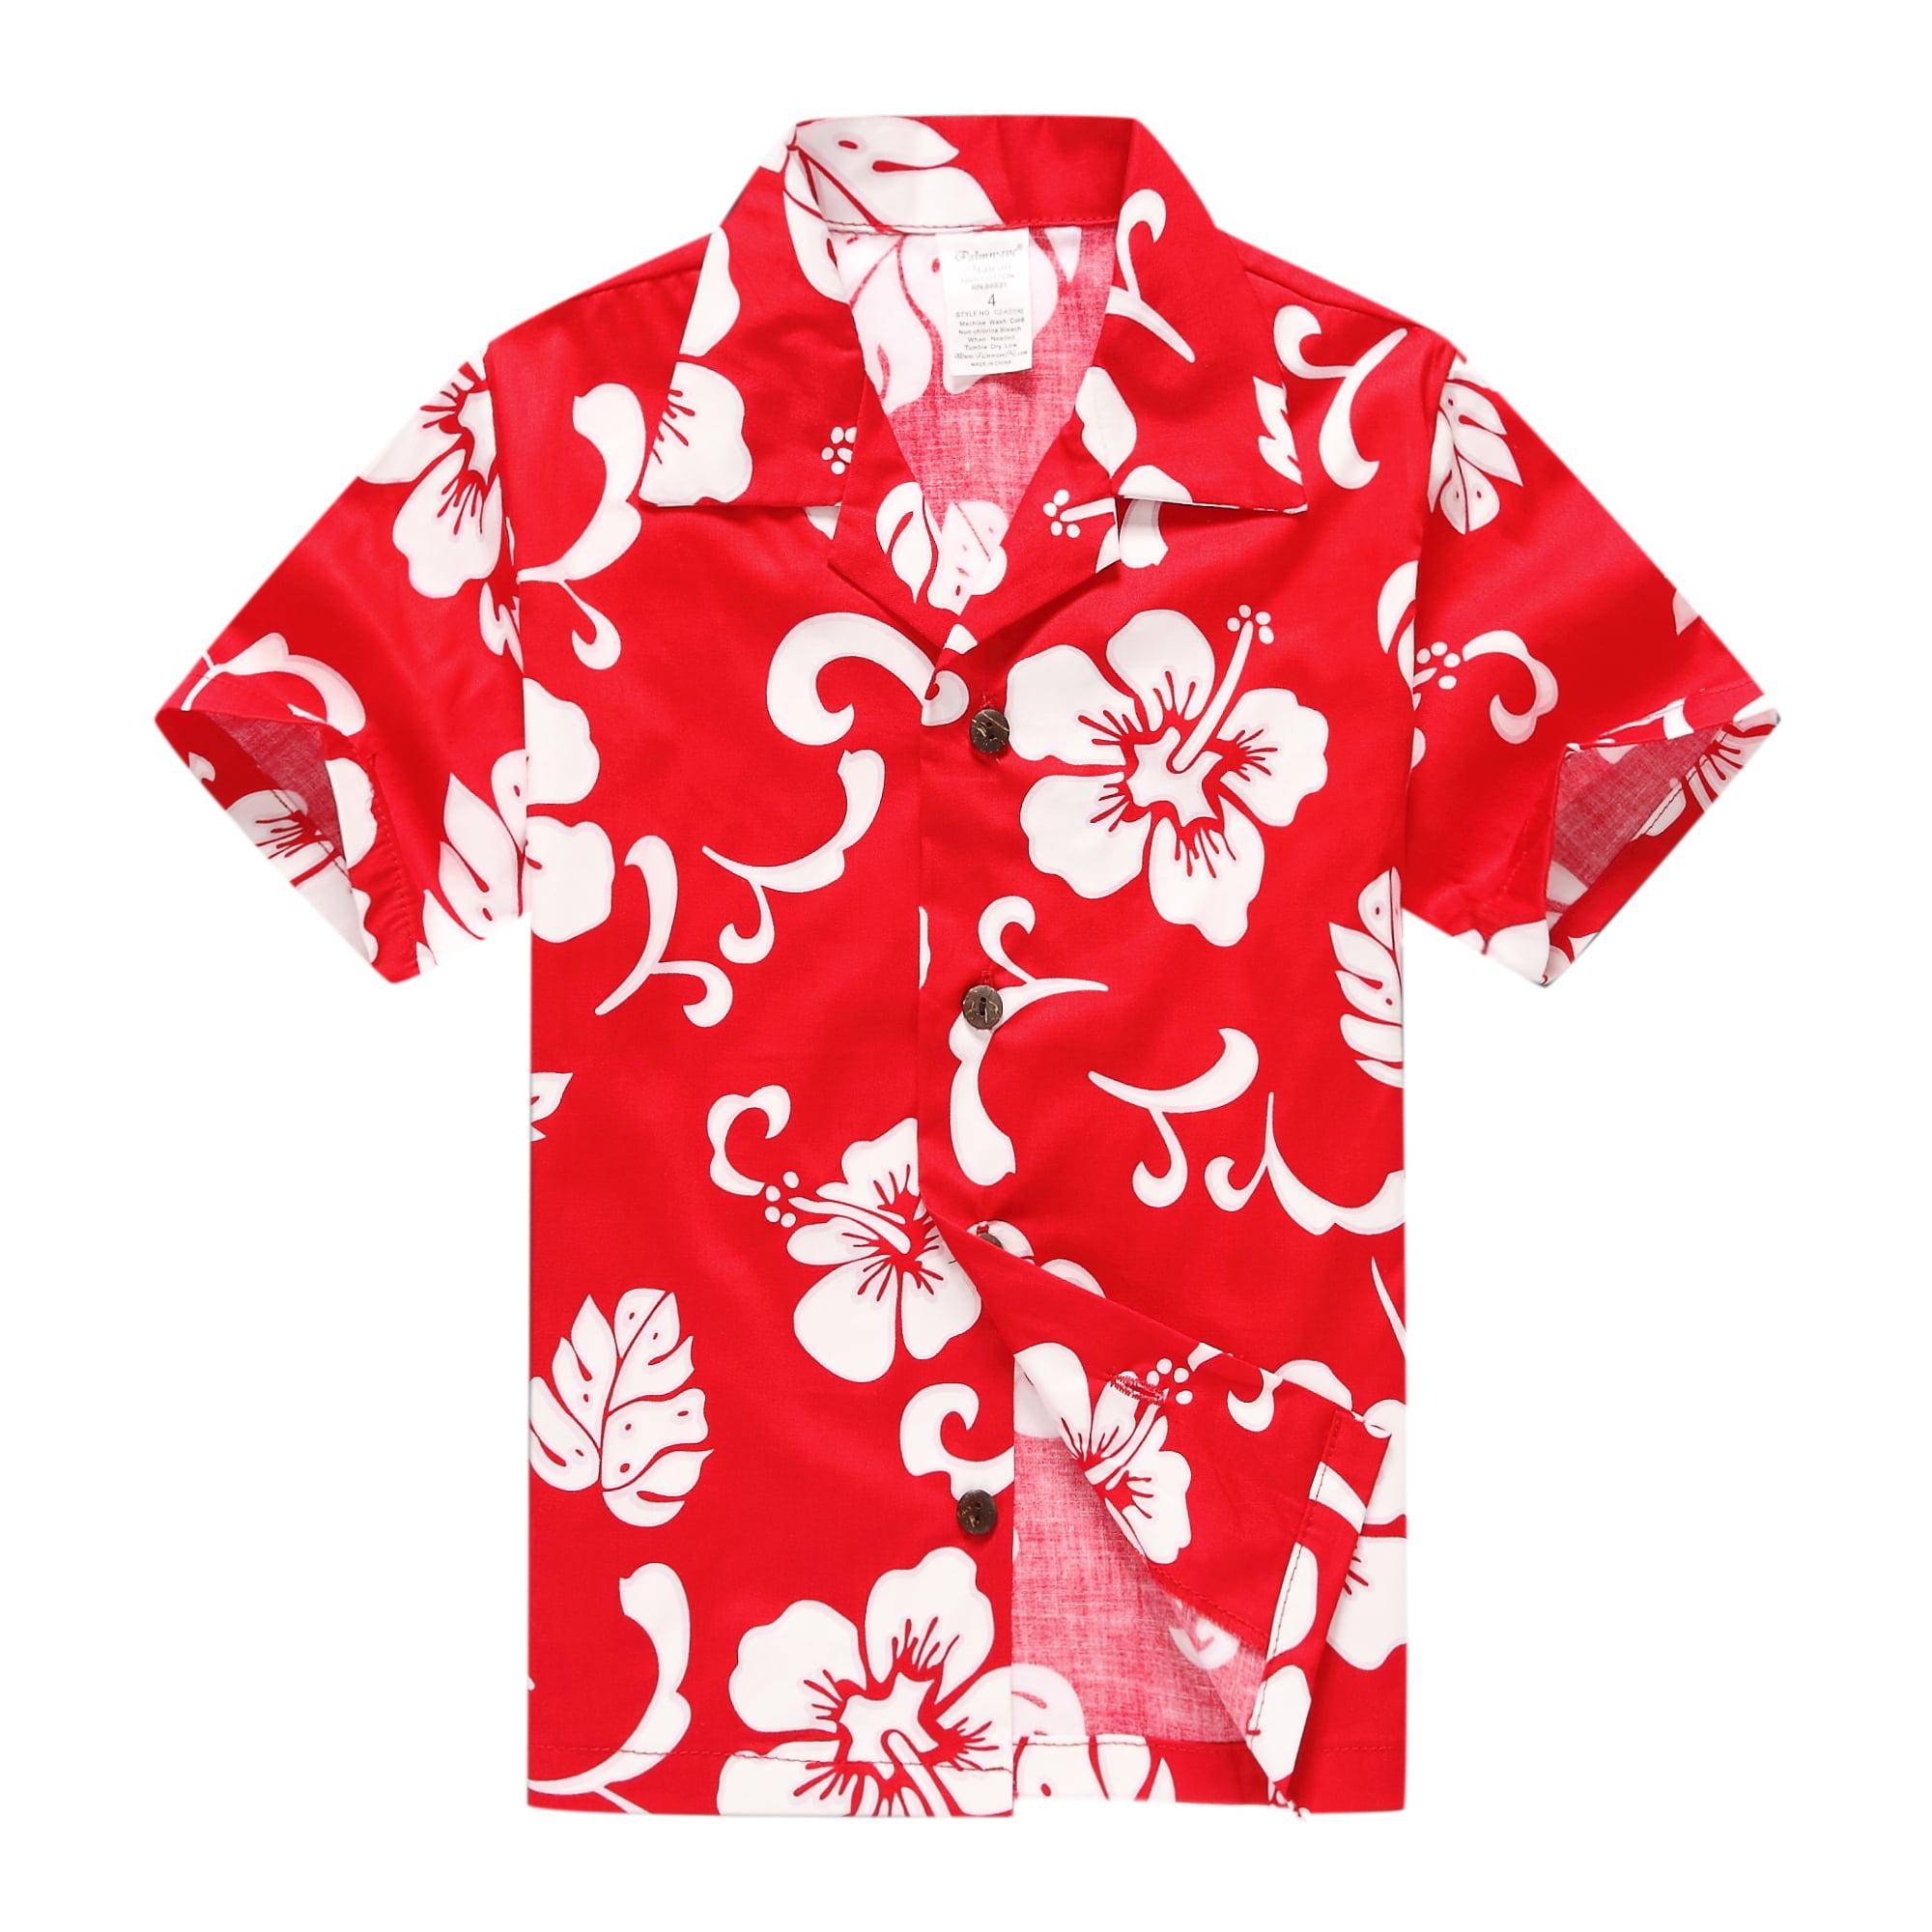 b894ad1e Hawaii Hangover - Matching Father Son Hawaiian Luau Outfit Men Shirt Boy  Shirt Shorts PW Navy Hibiscus 2XL-8 - Walmart.com